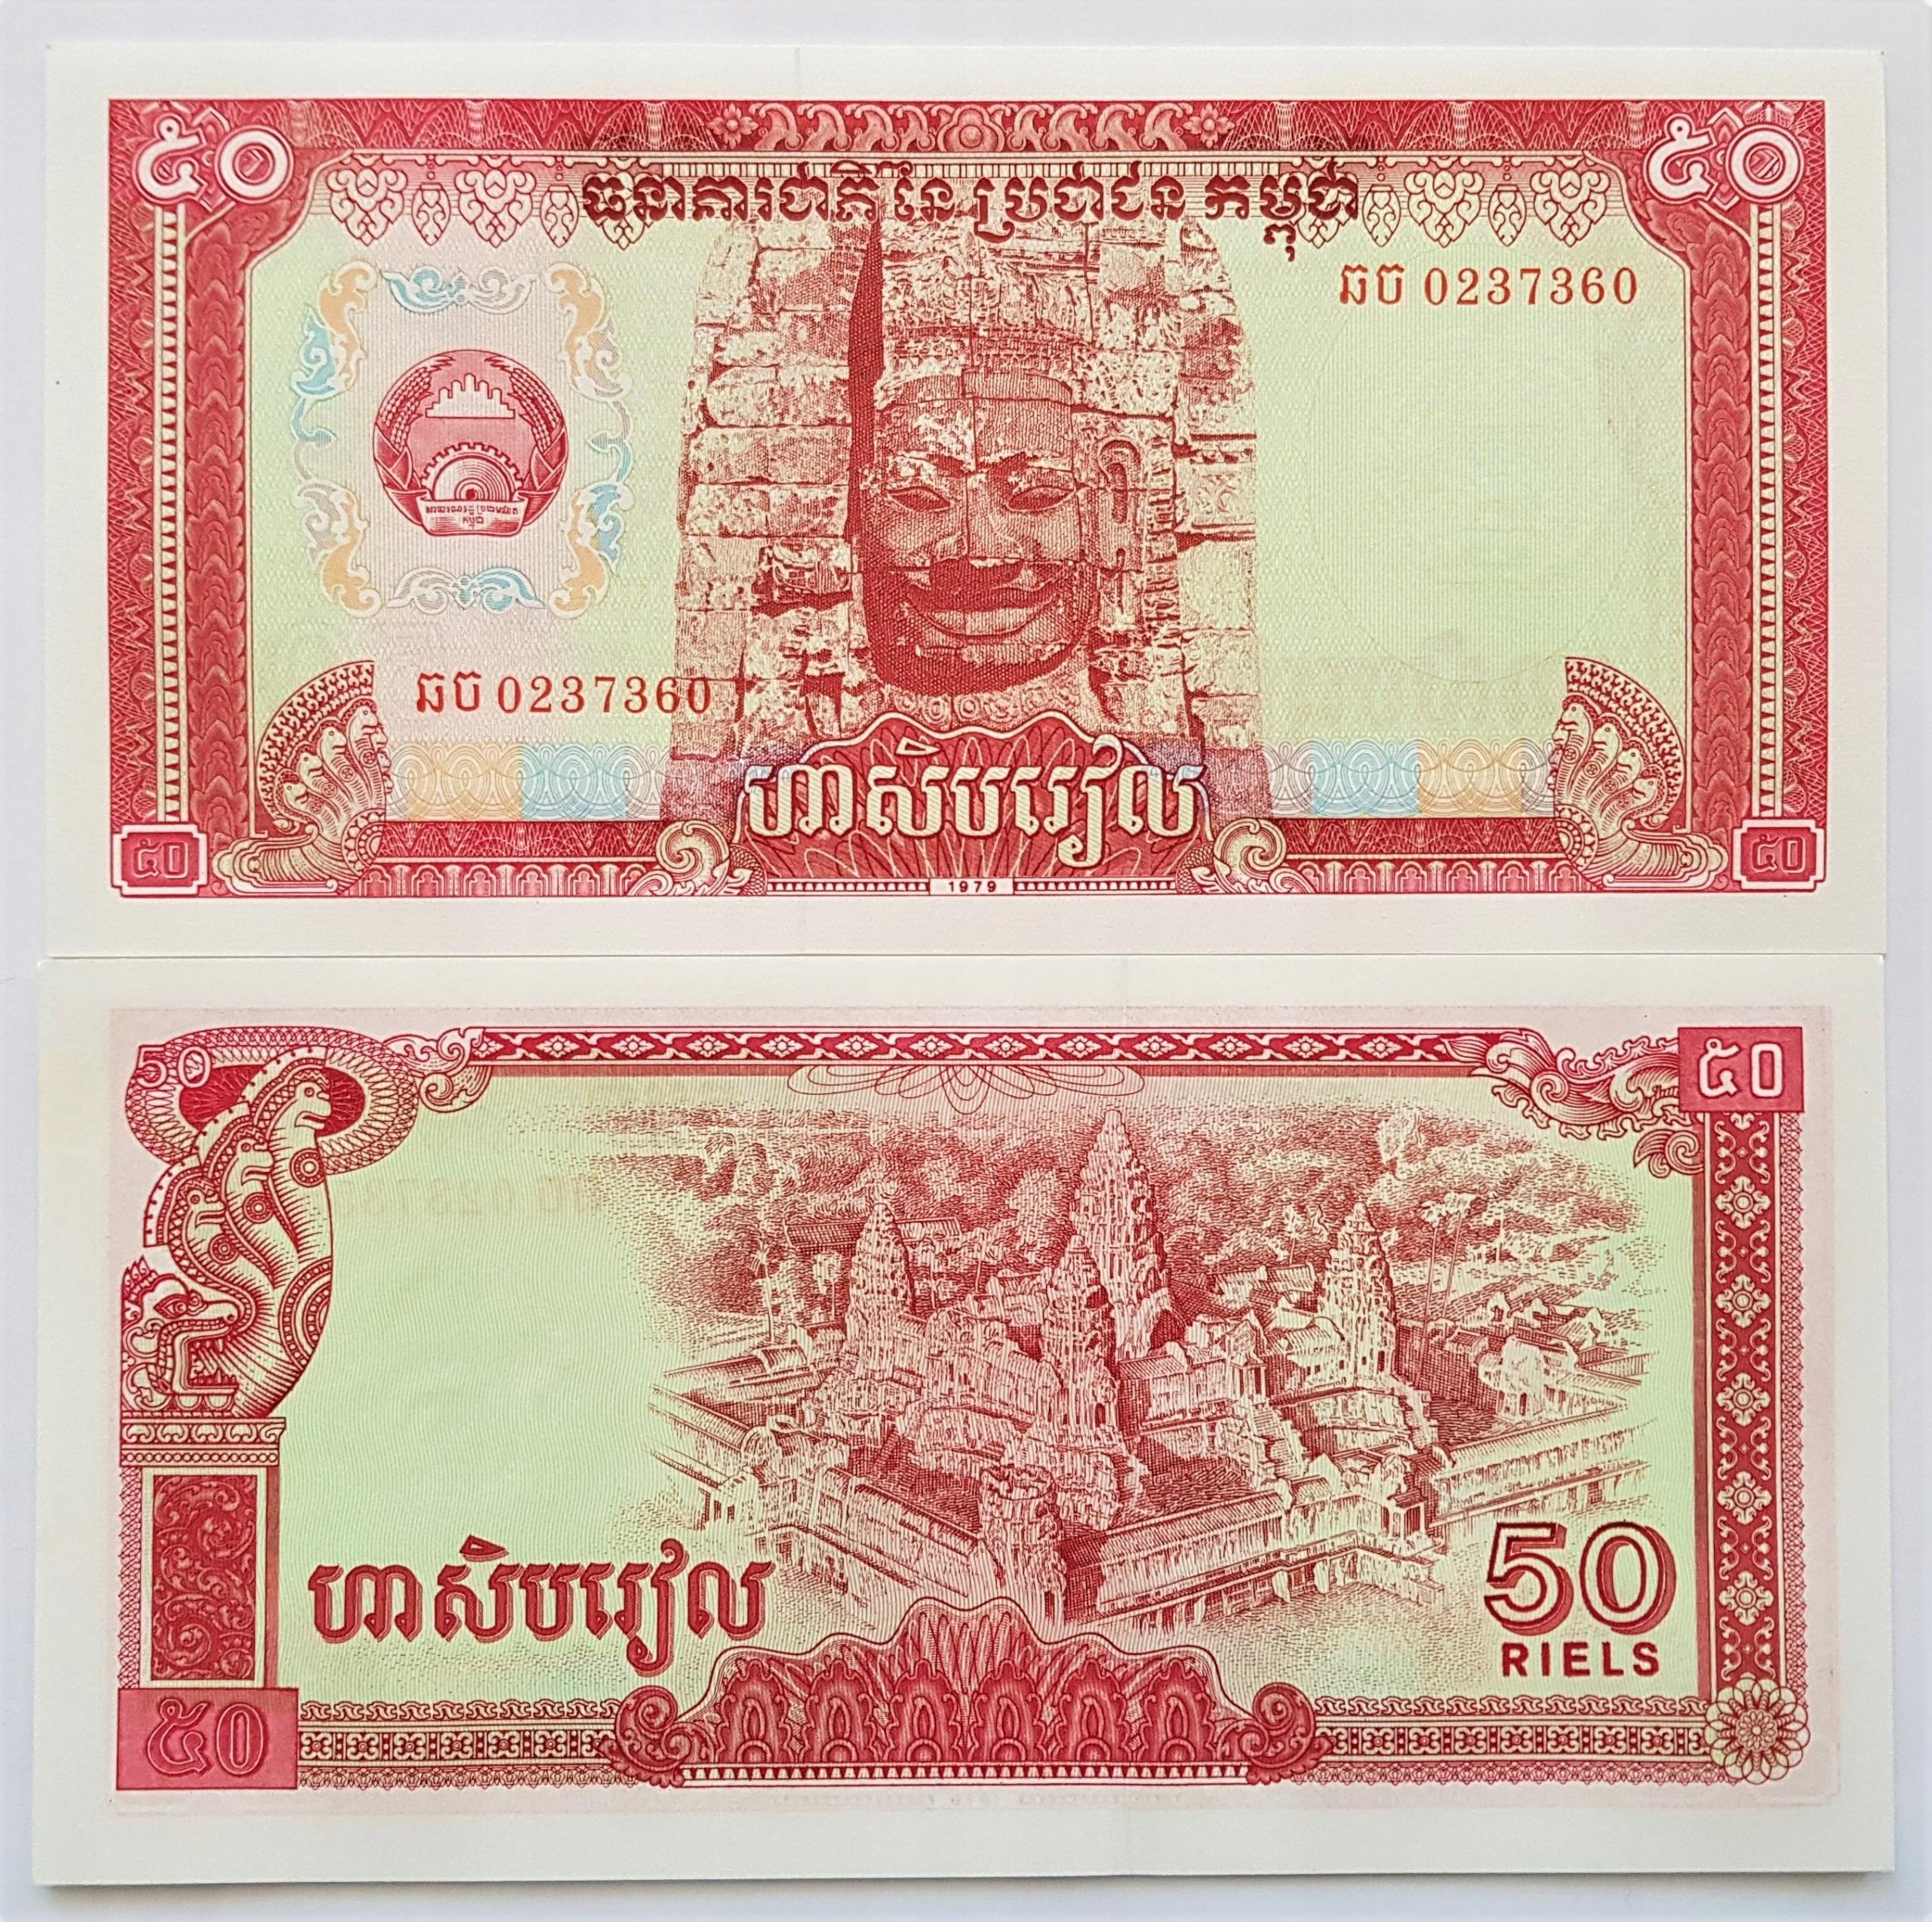 Камбоджа 50 Riel 1979 P-32 UNC